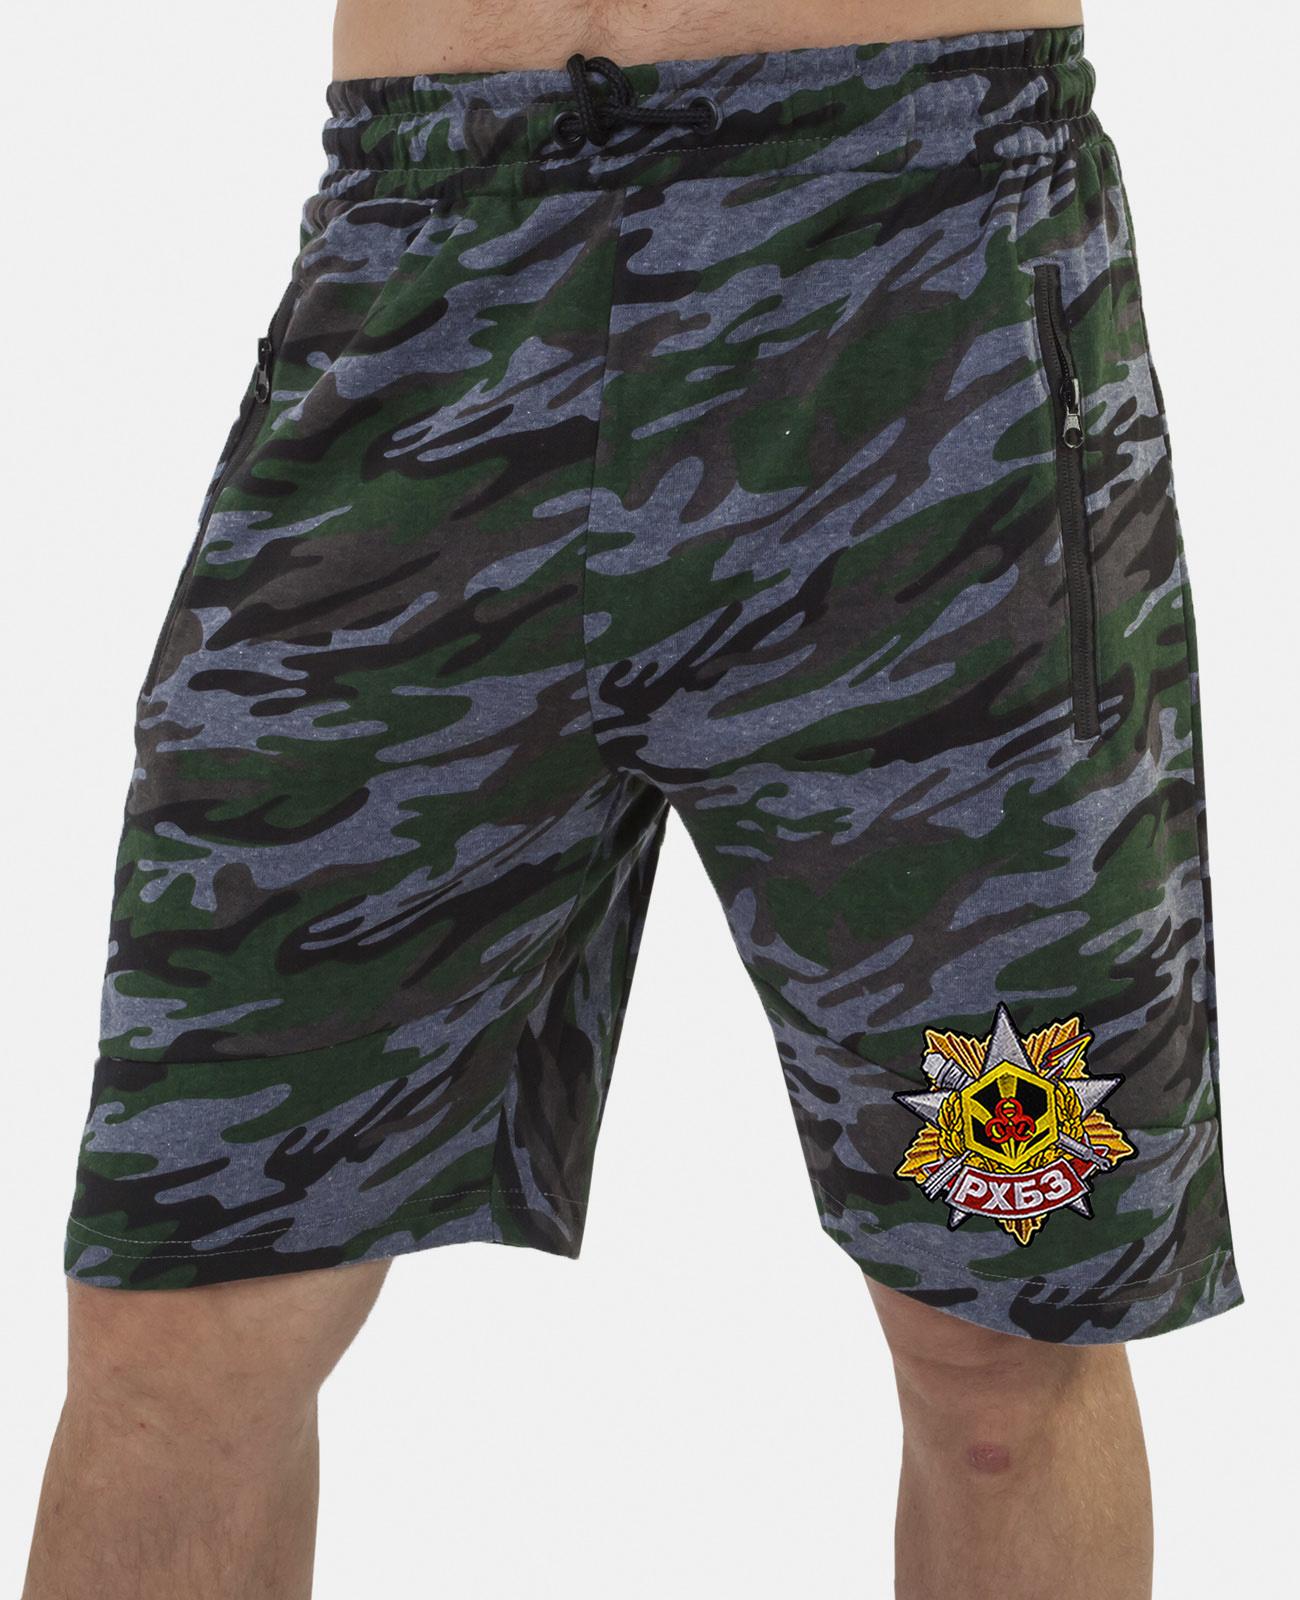 Купить крутые милитари шорты удлиненного фасона с нашивкой РХБЗ в подарок мужу